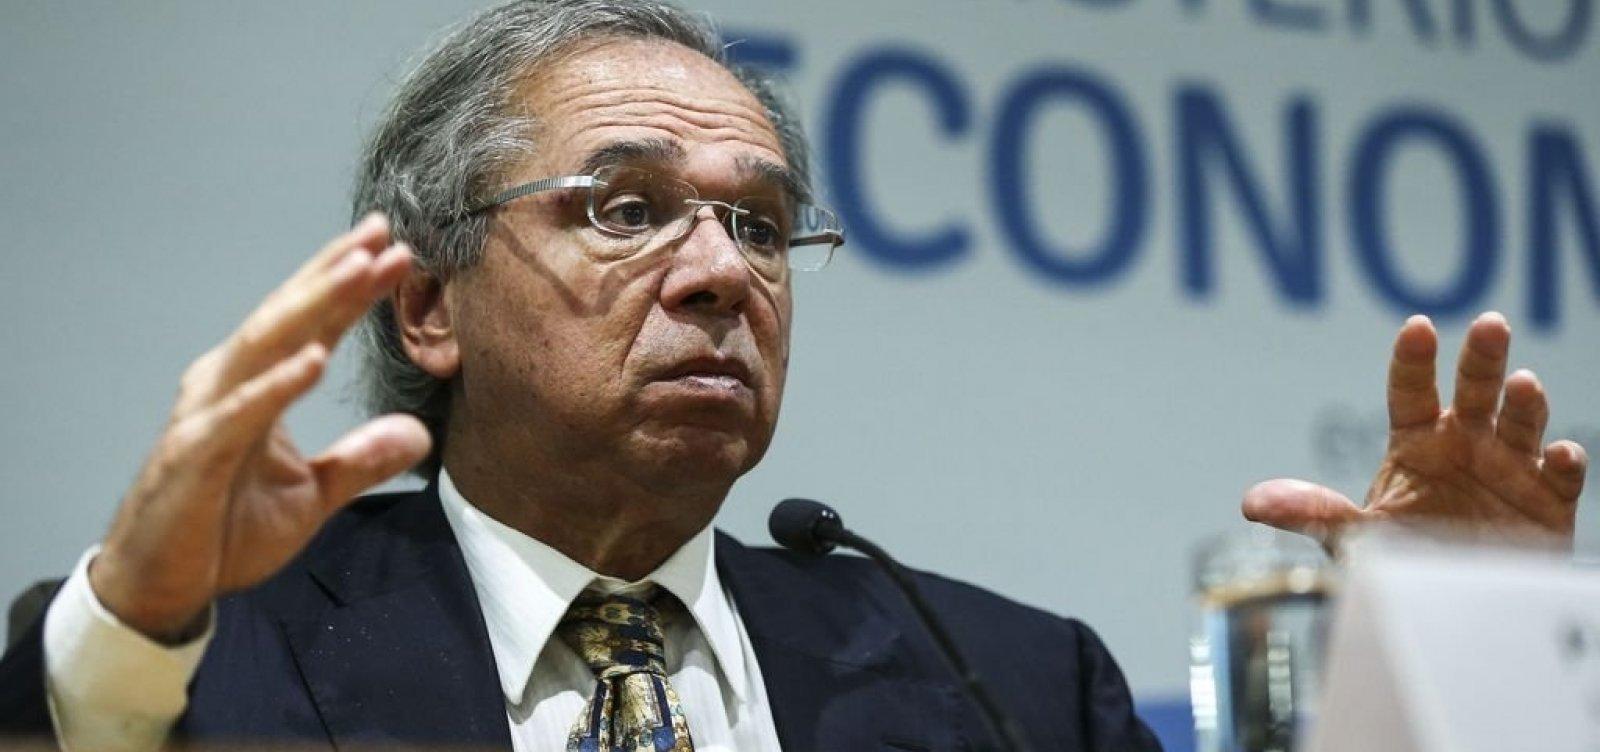 Em reunião com comissão de Ciência e Tecnologia da Câmara, Guedes chama ministro astronauta de burro